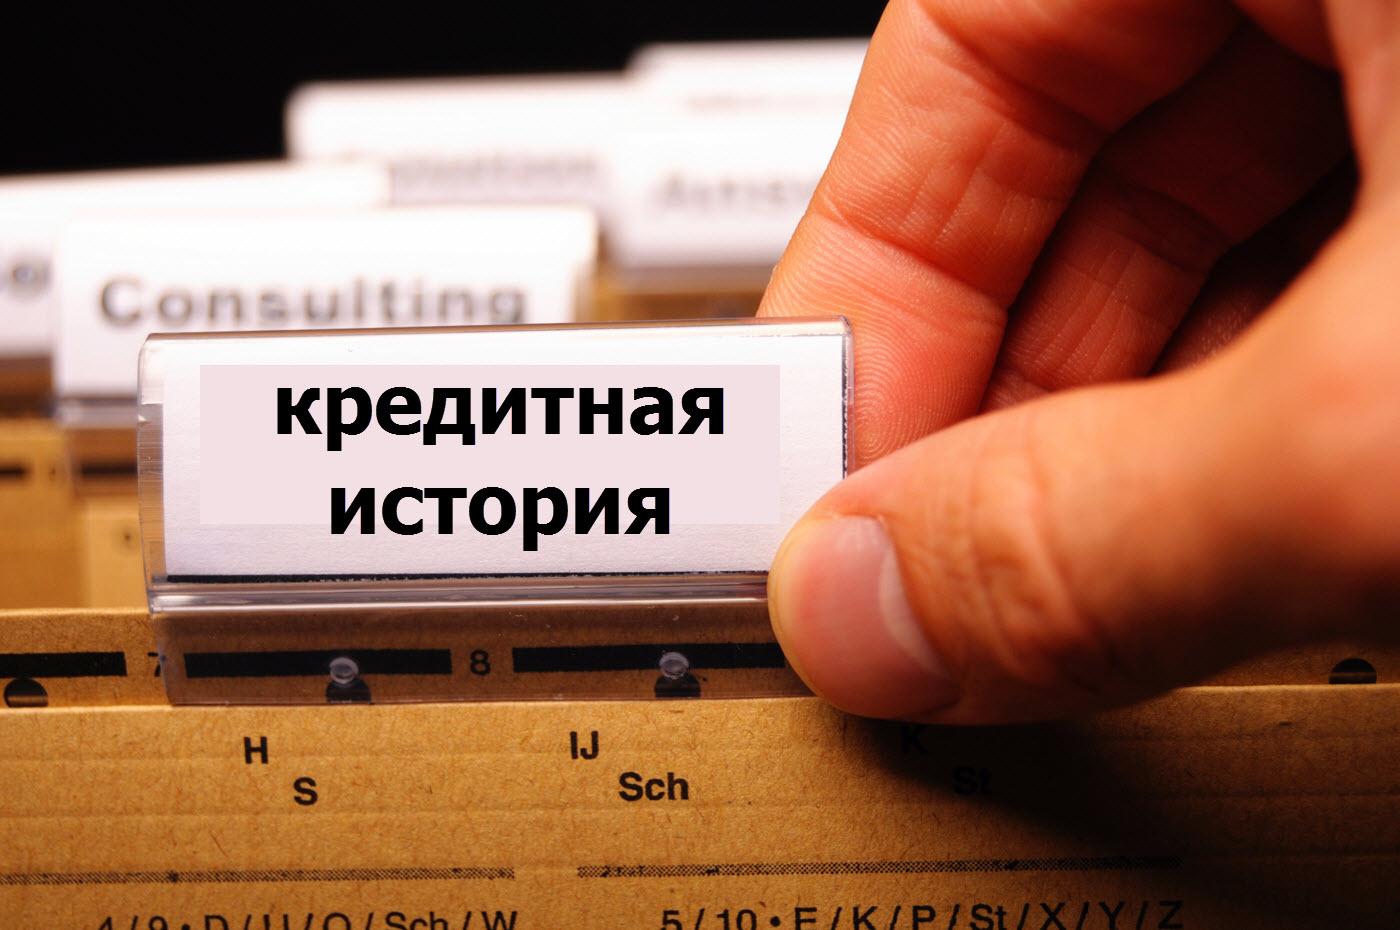 kreditnaya-istoriya-gosuslugi_4